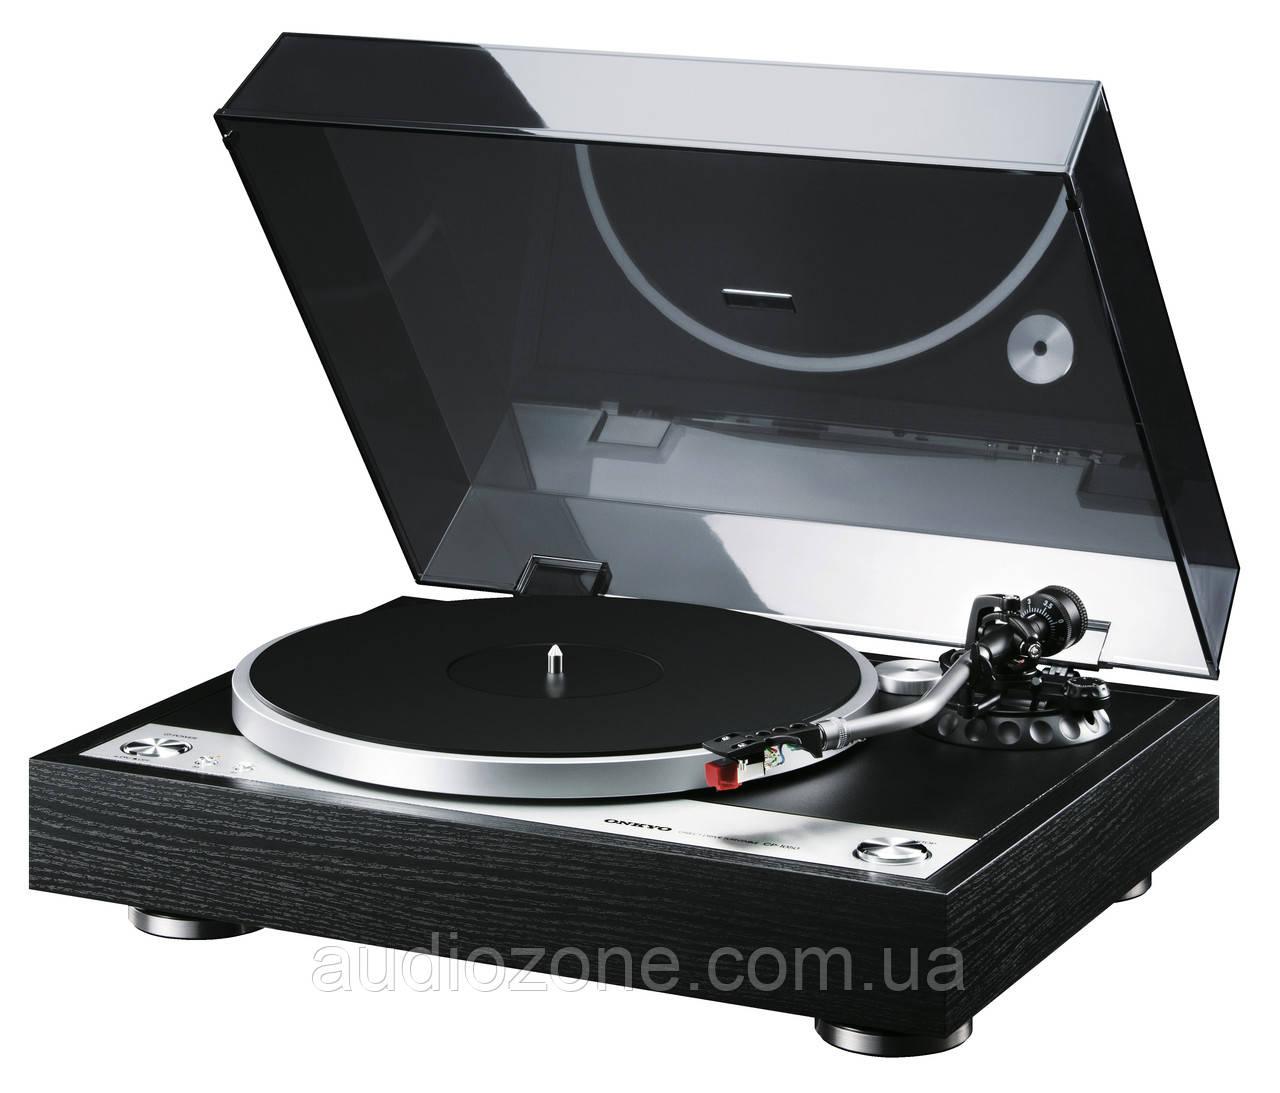 Проигрыватель виниловых дисков Onkyo CP-1050